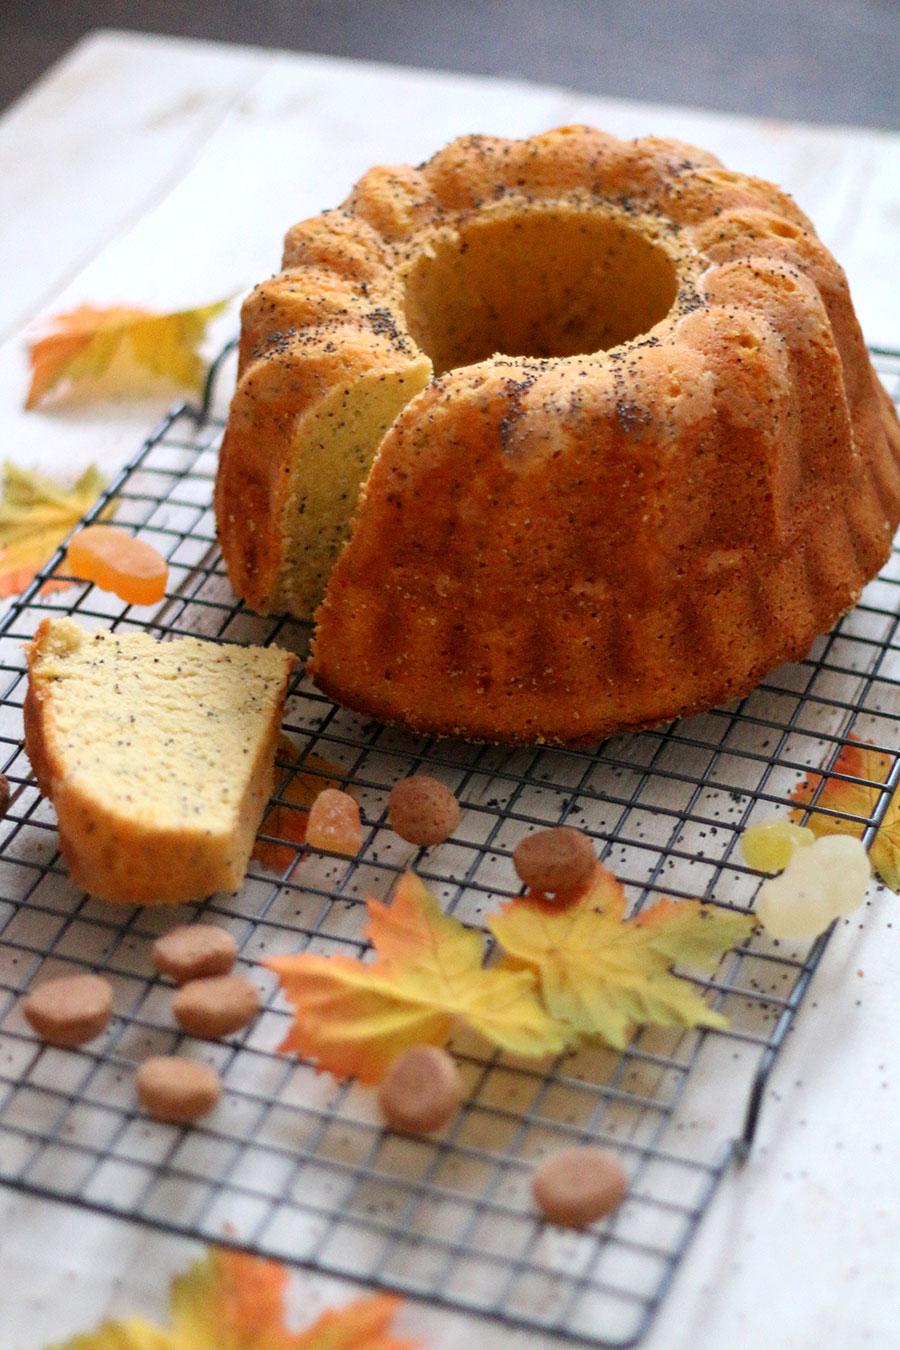 Óóh kom maar eens kijken.... Tulband cake met mandarijn